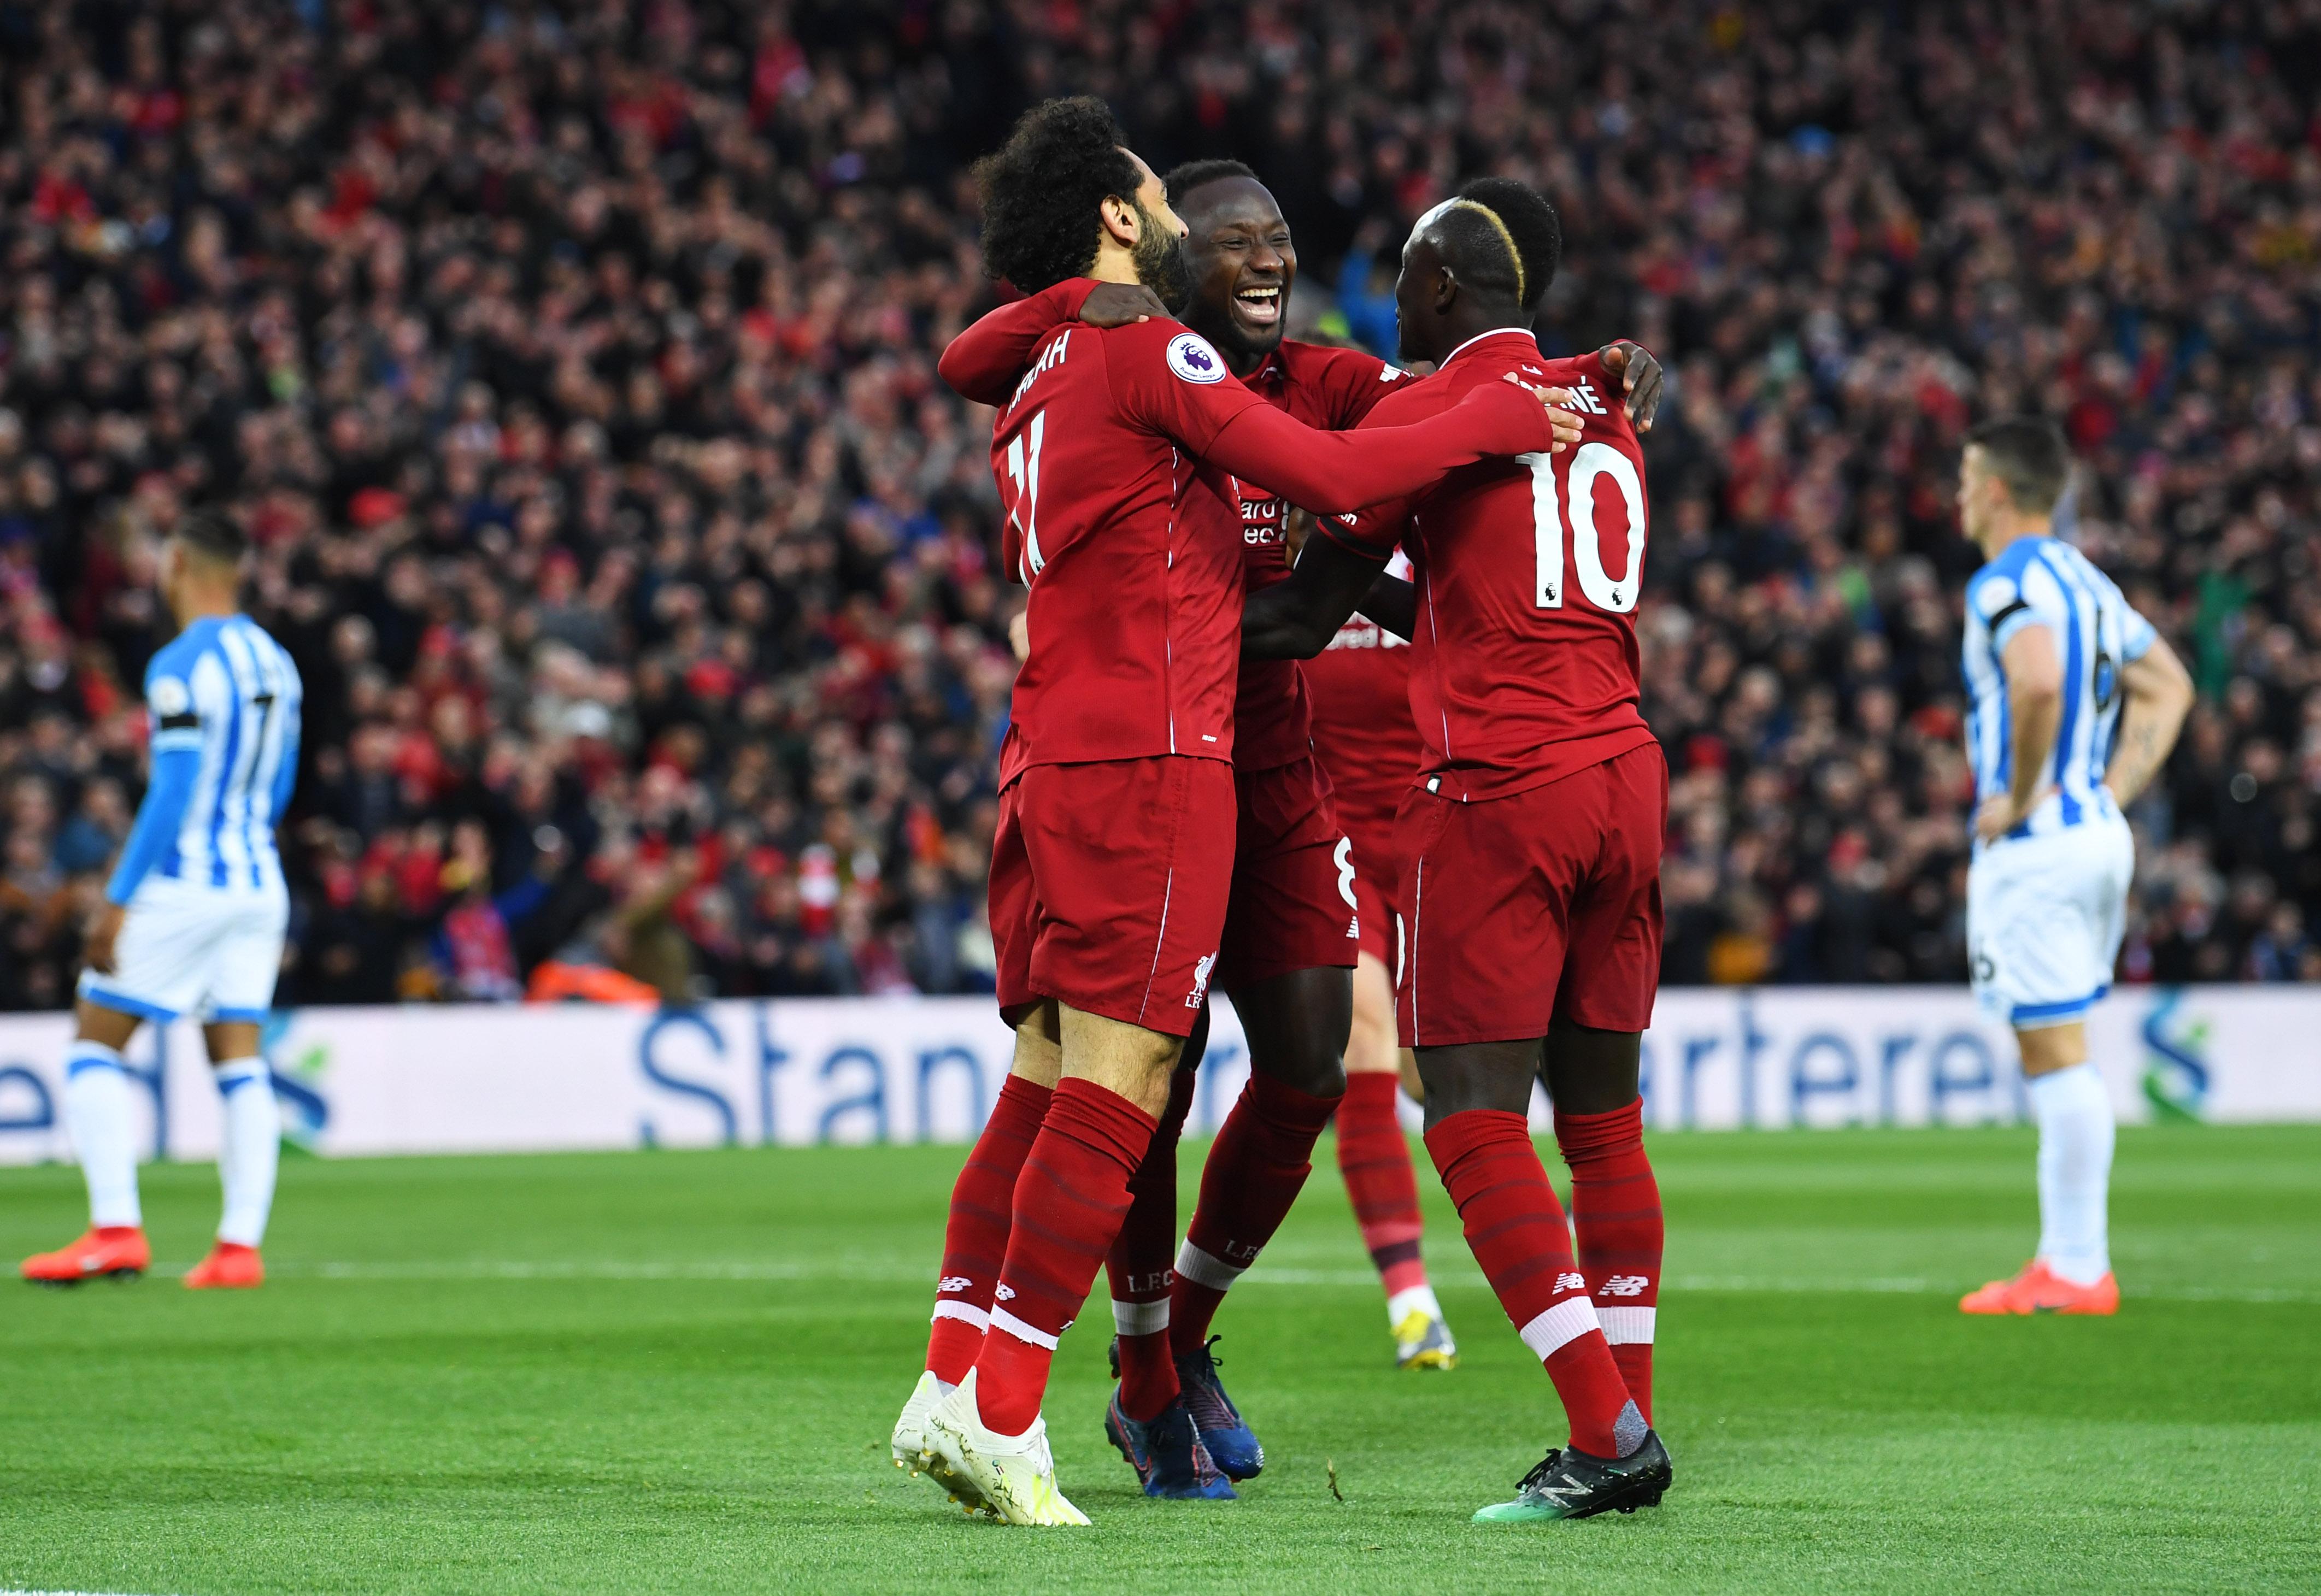 0e7e13345 Walka o finał Ligi Mistrzów NA ŻYWO! Liverpool - Barcelona. Transmisja TV, stream  online, darmowy LIVE - WP SportoweFakty